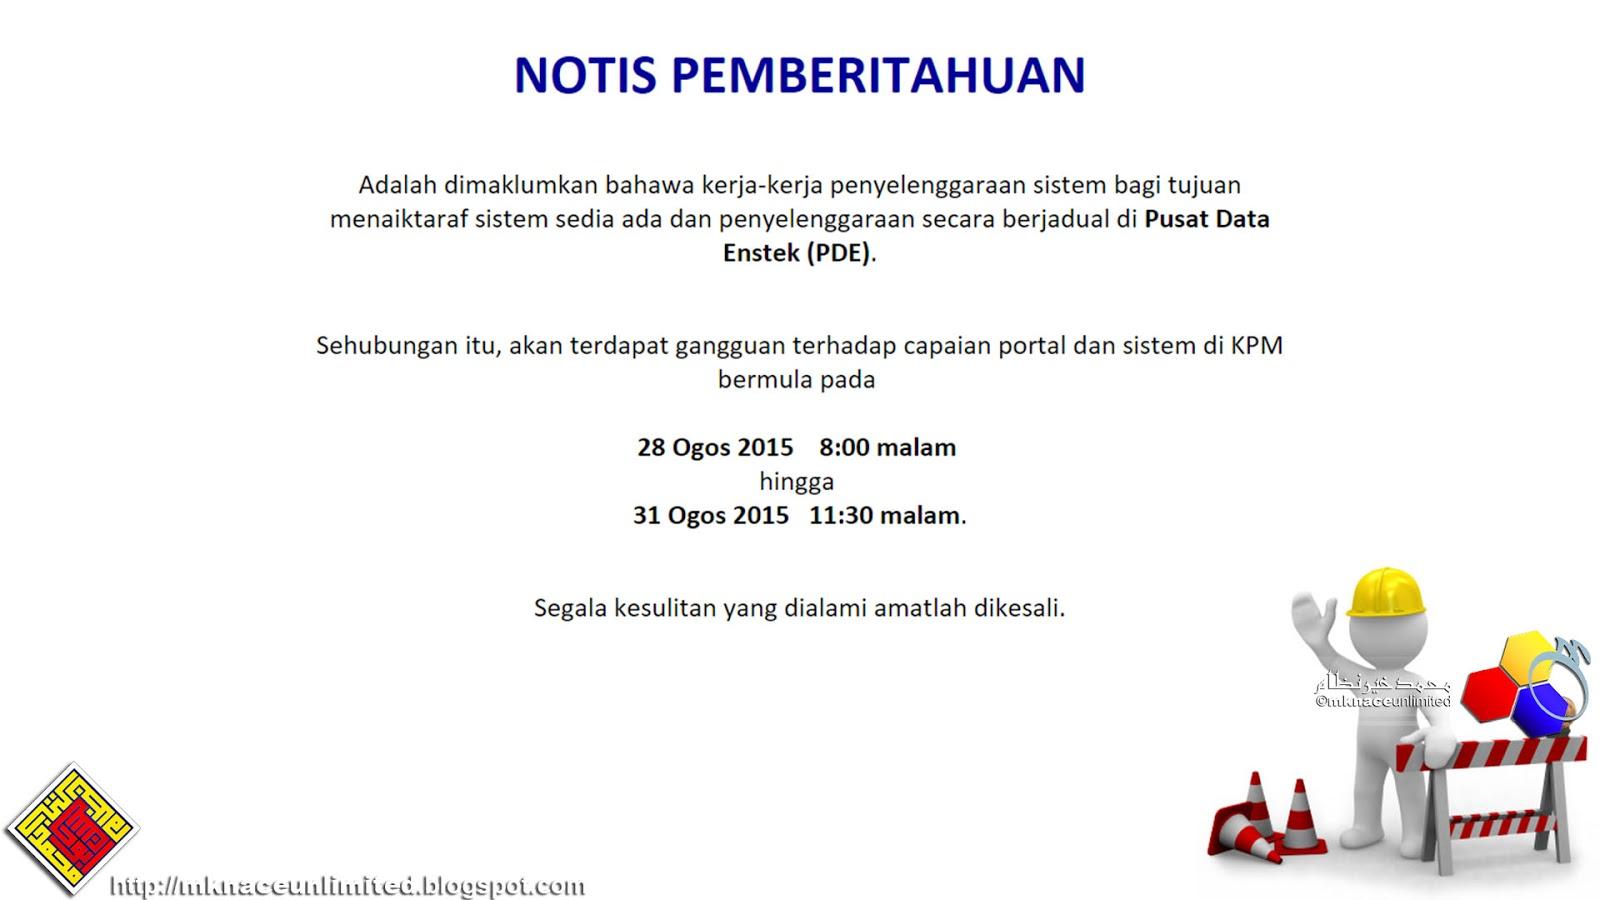 Kerja Penyelenggaraan Sistem Bagi Kementerian Pendidikan Malaysia Bermula